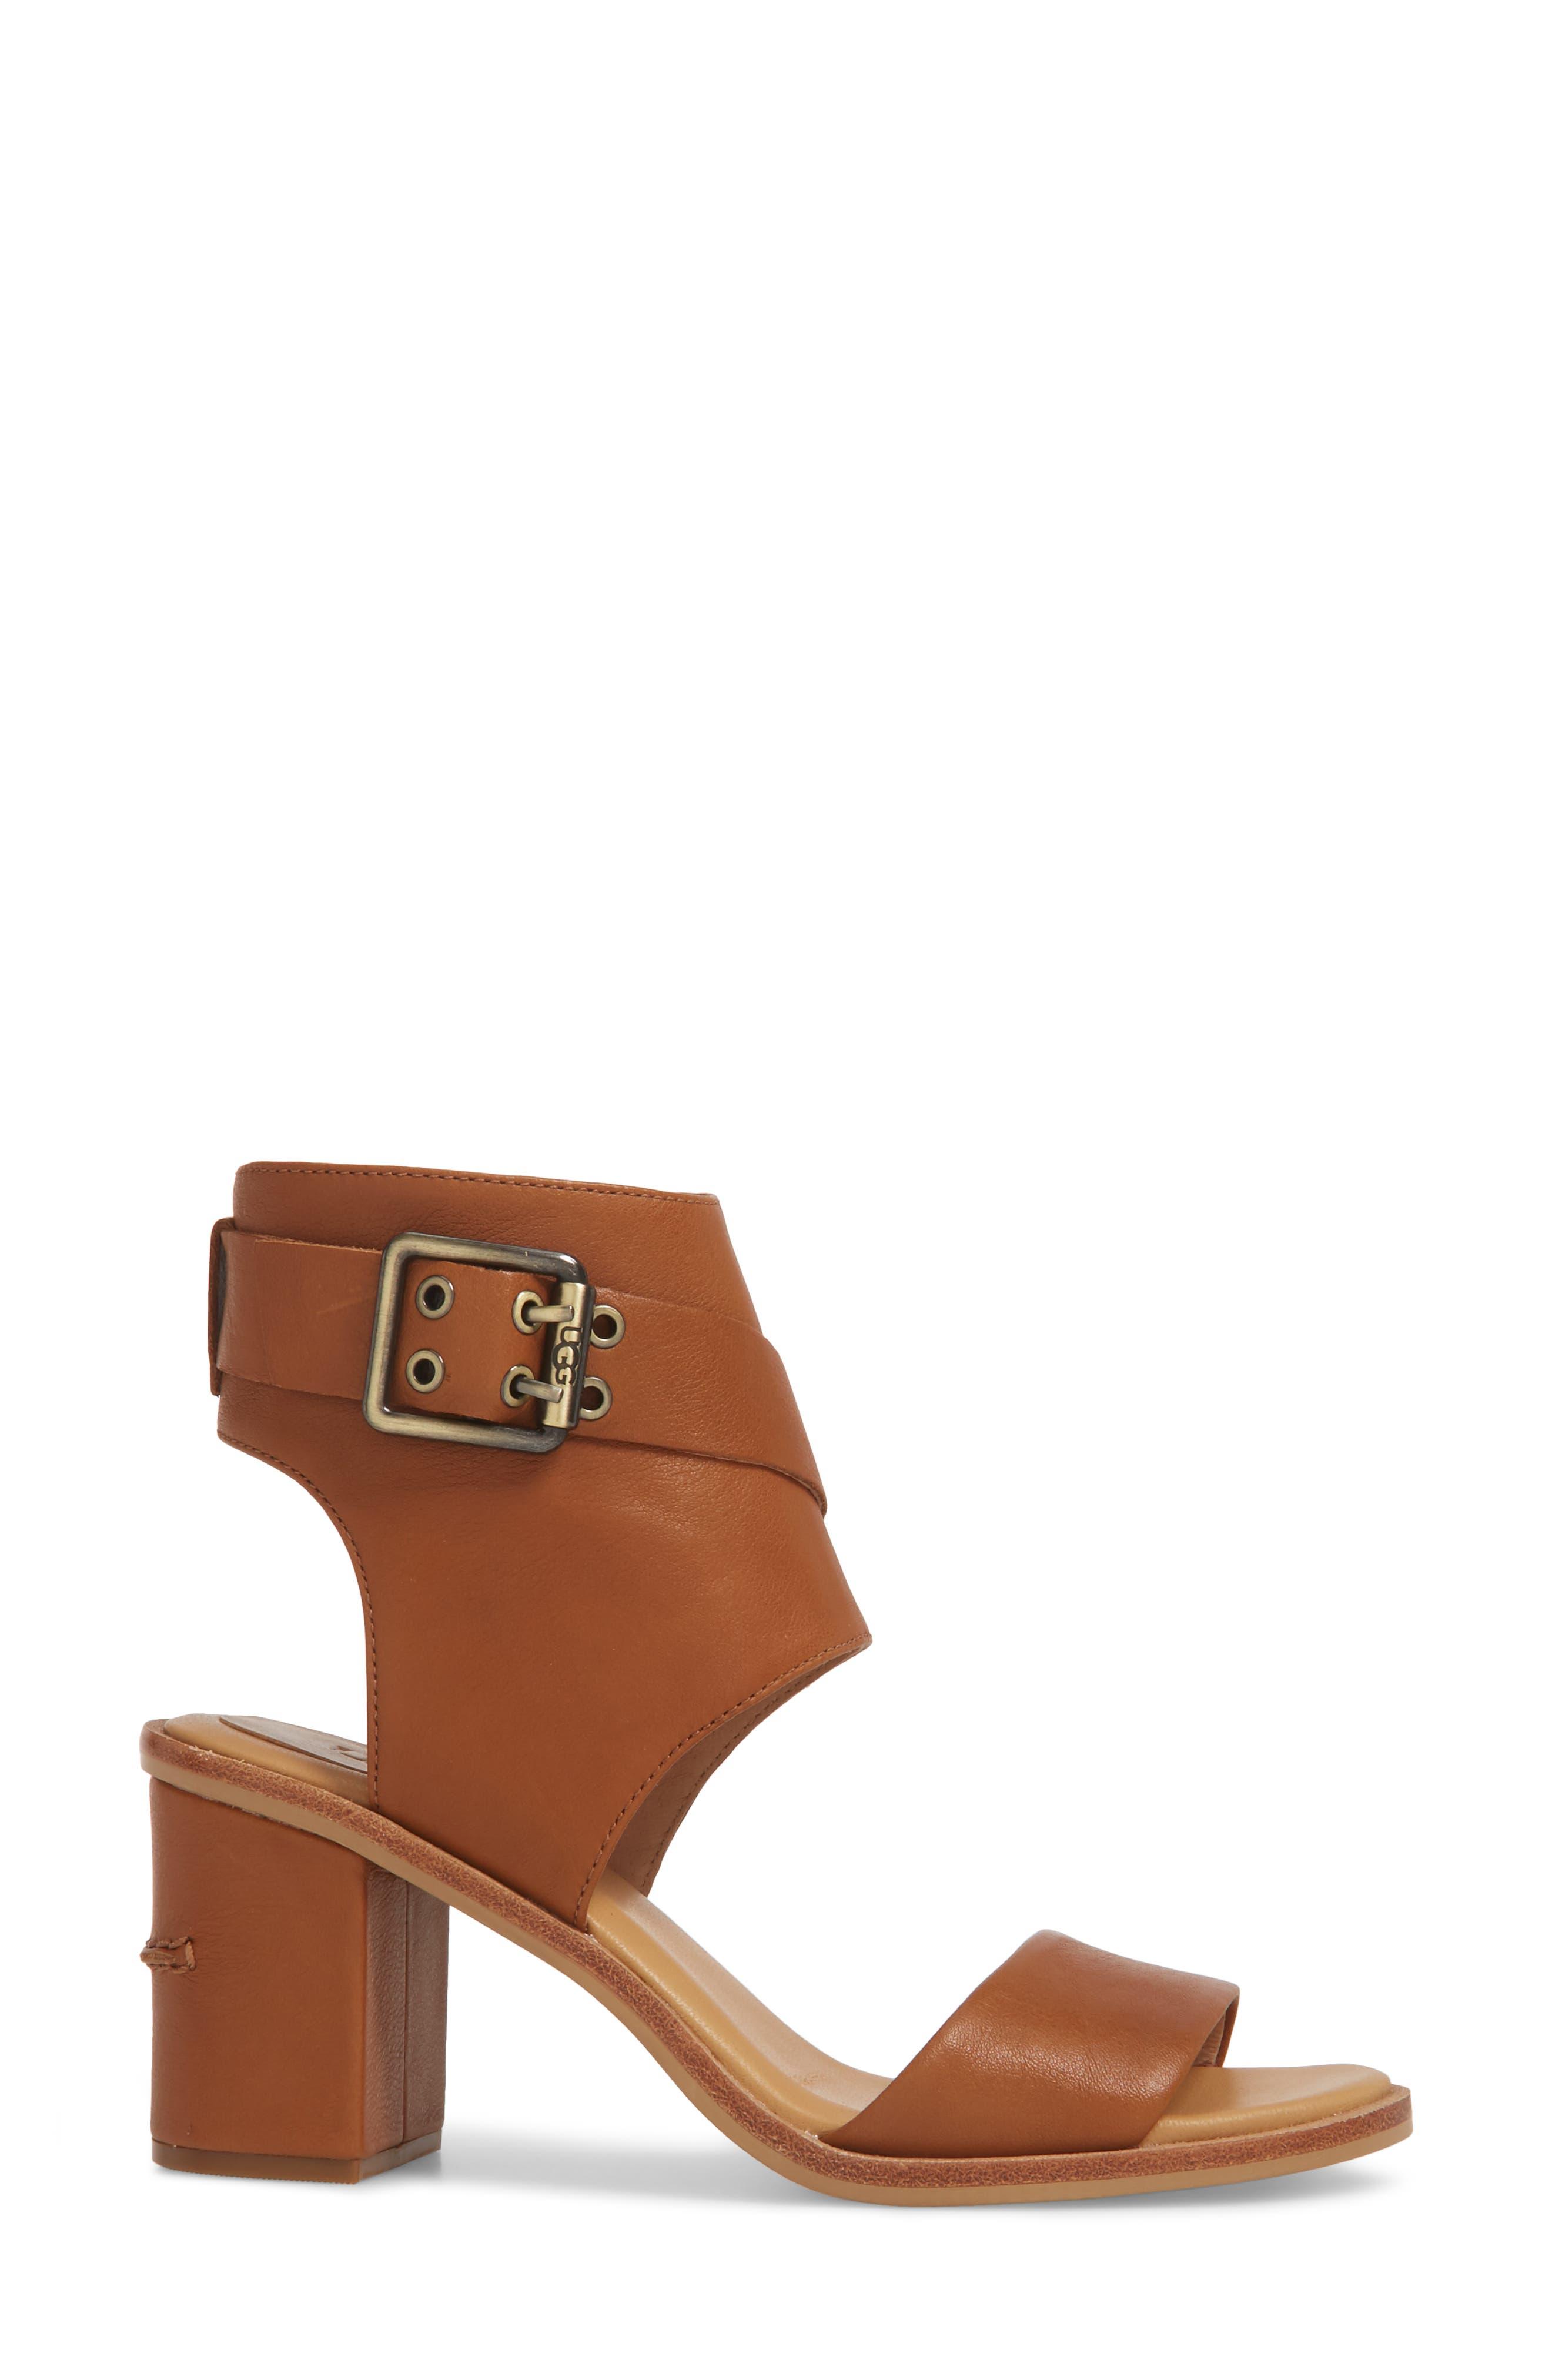 Claudette Cuff Sandal,                             Alternate thumbnail 3, color,                             Almond Leather